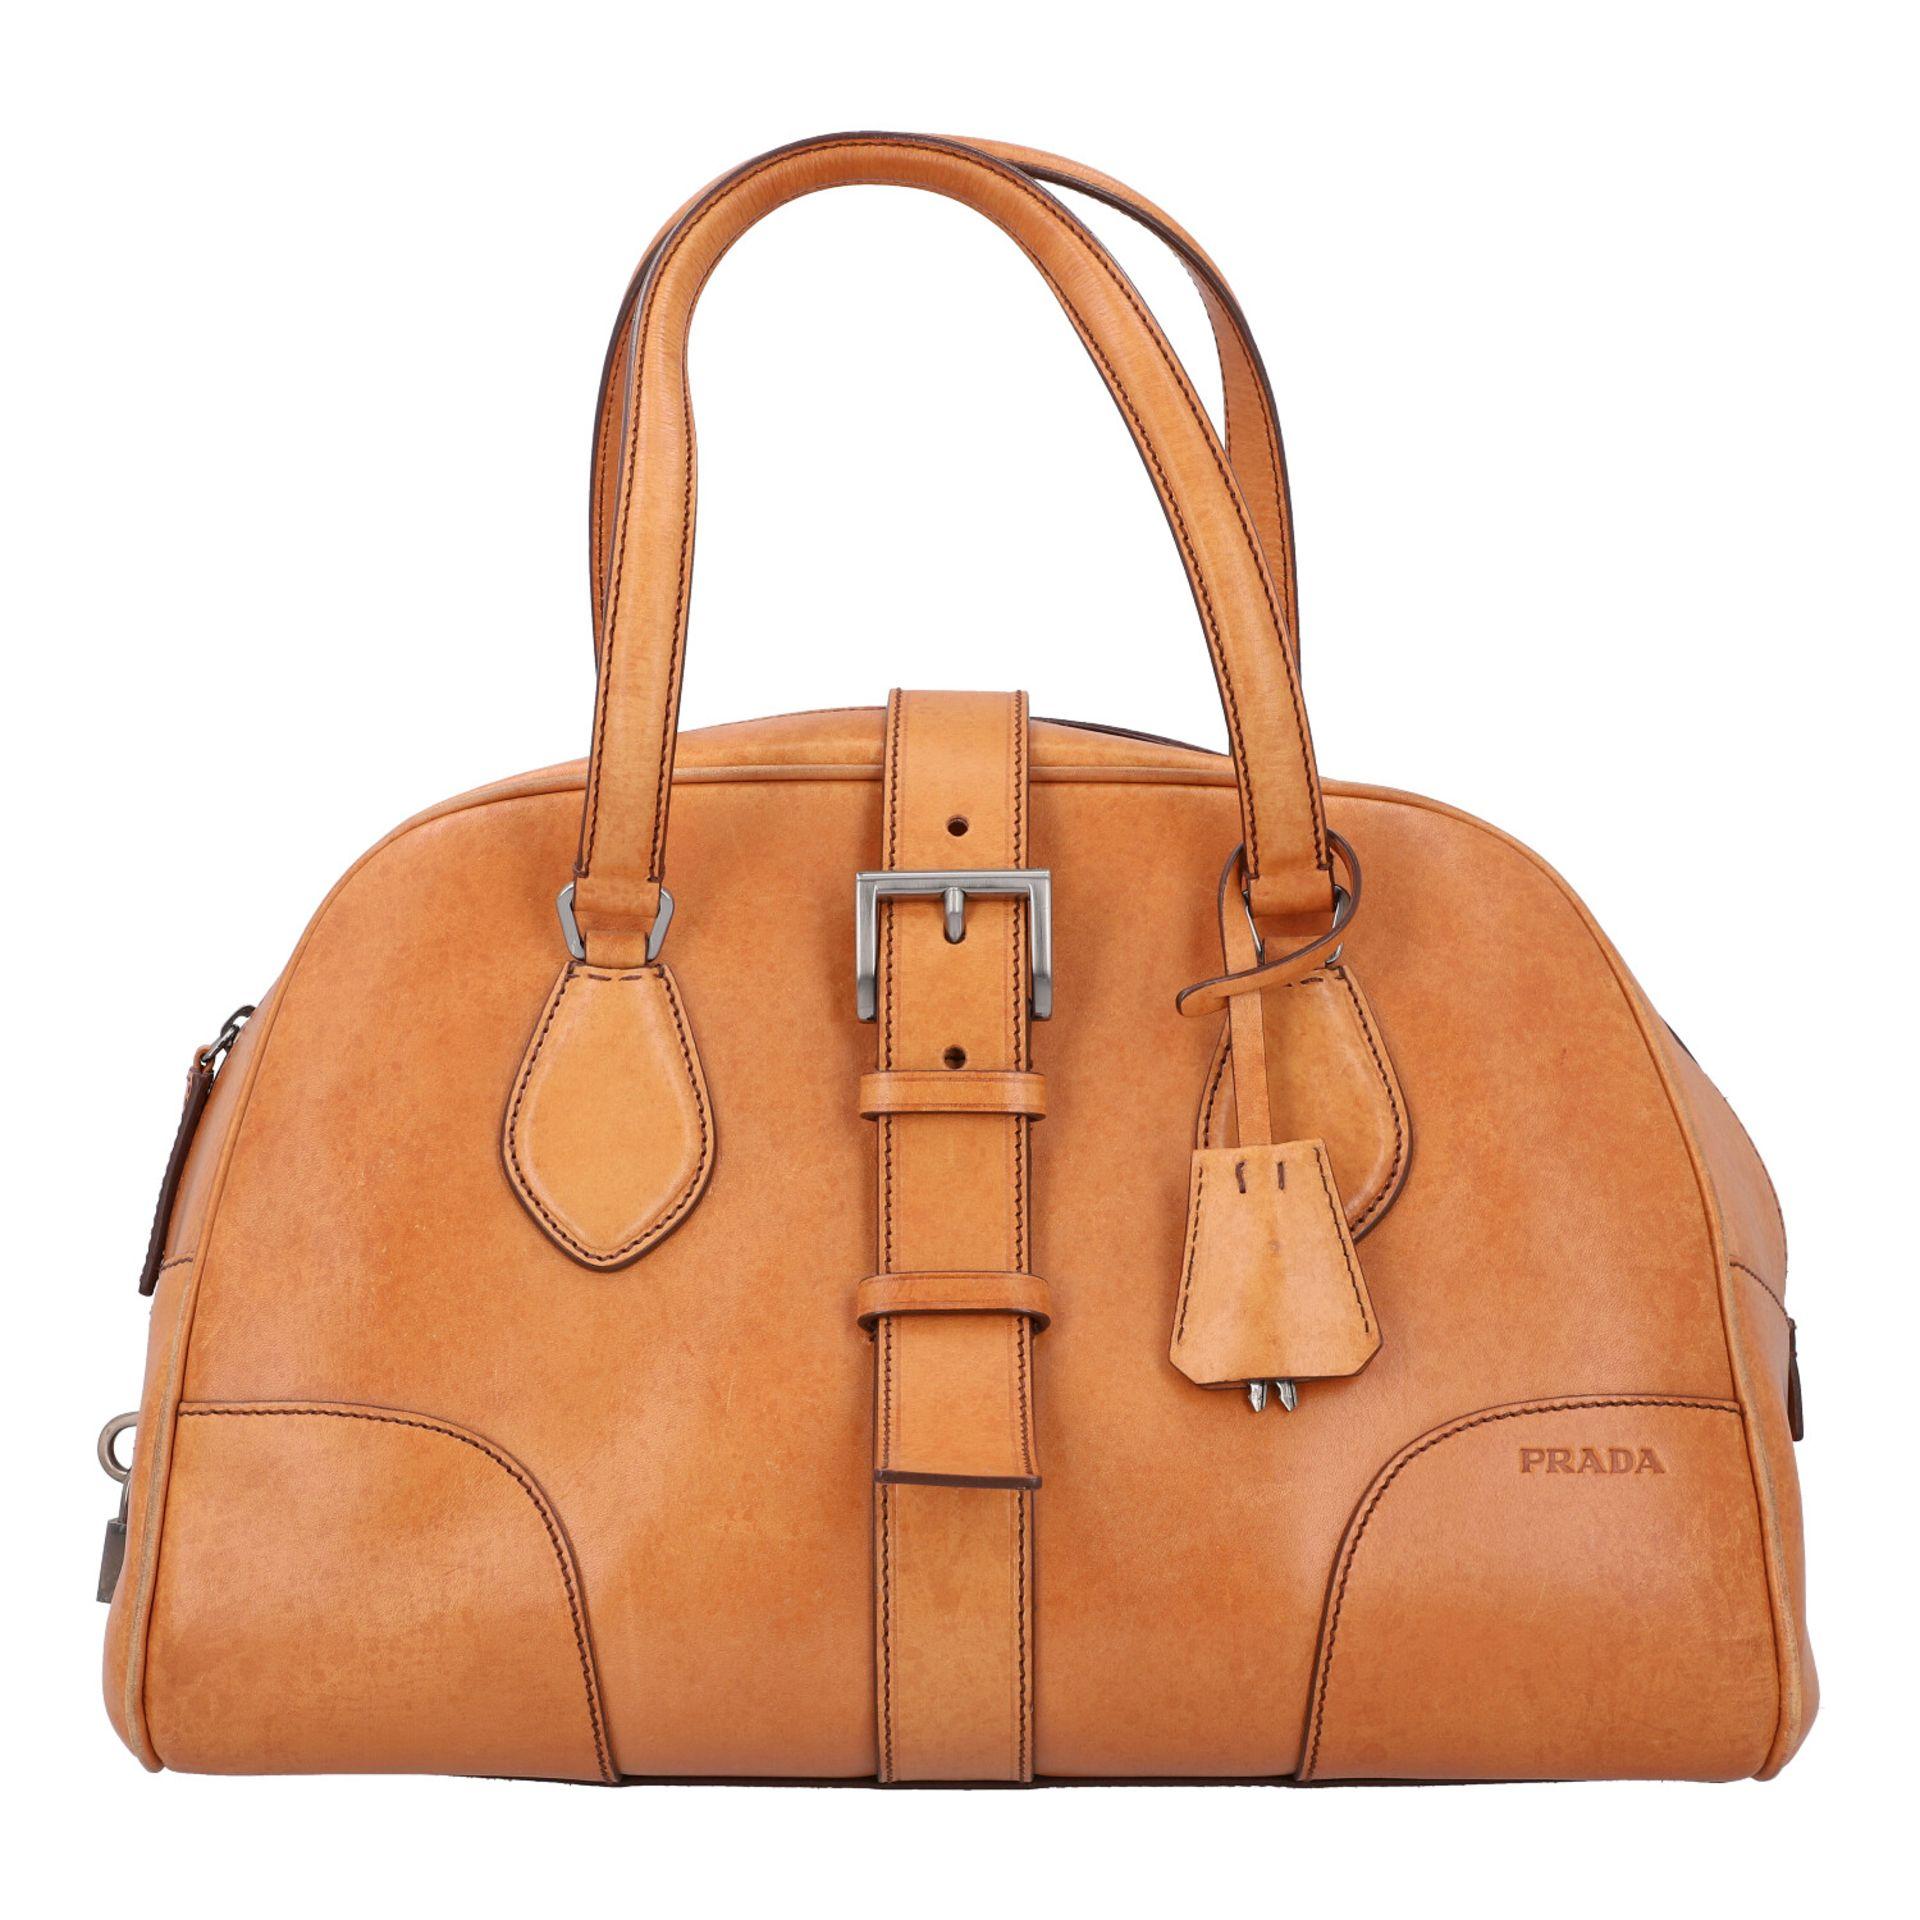 PRADA Handtasche. Glattleder in Beige mit silberfarbener Hardware, stabiles Modell mit